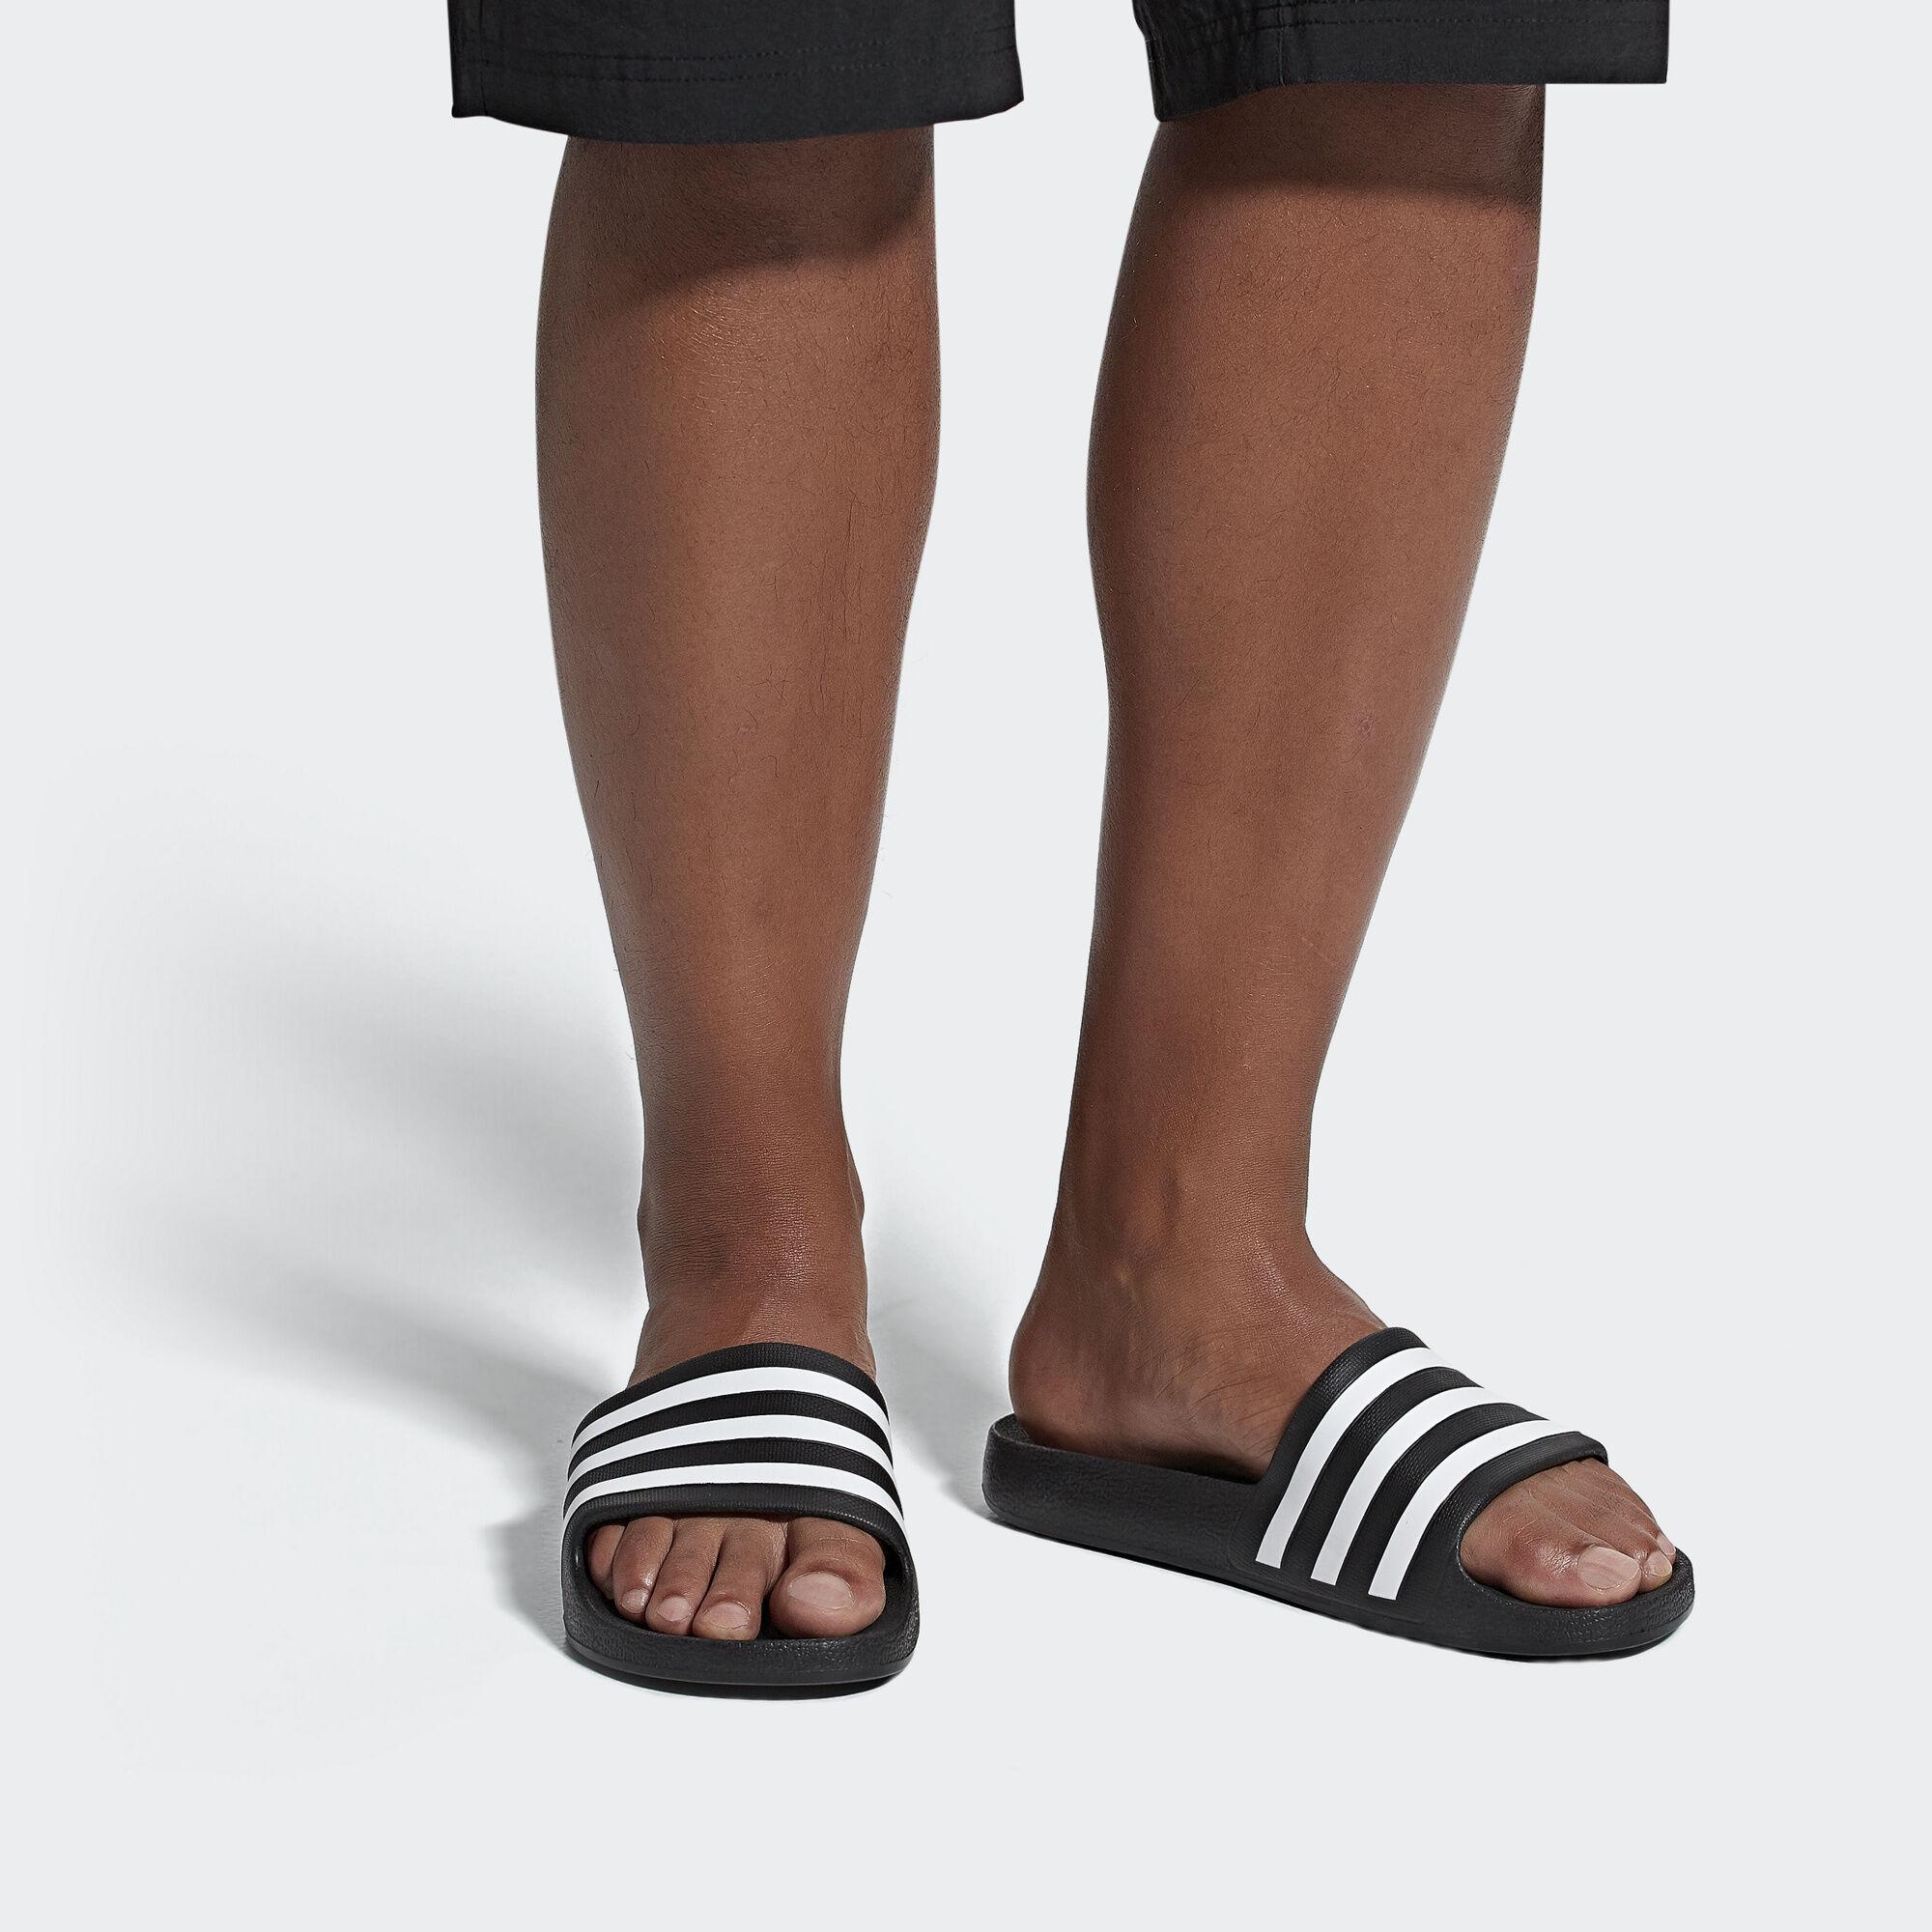 low priced 91cb0 1af52 adidas Adilette Aqua Slipper - grau  adidas Deutschland